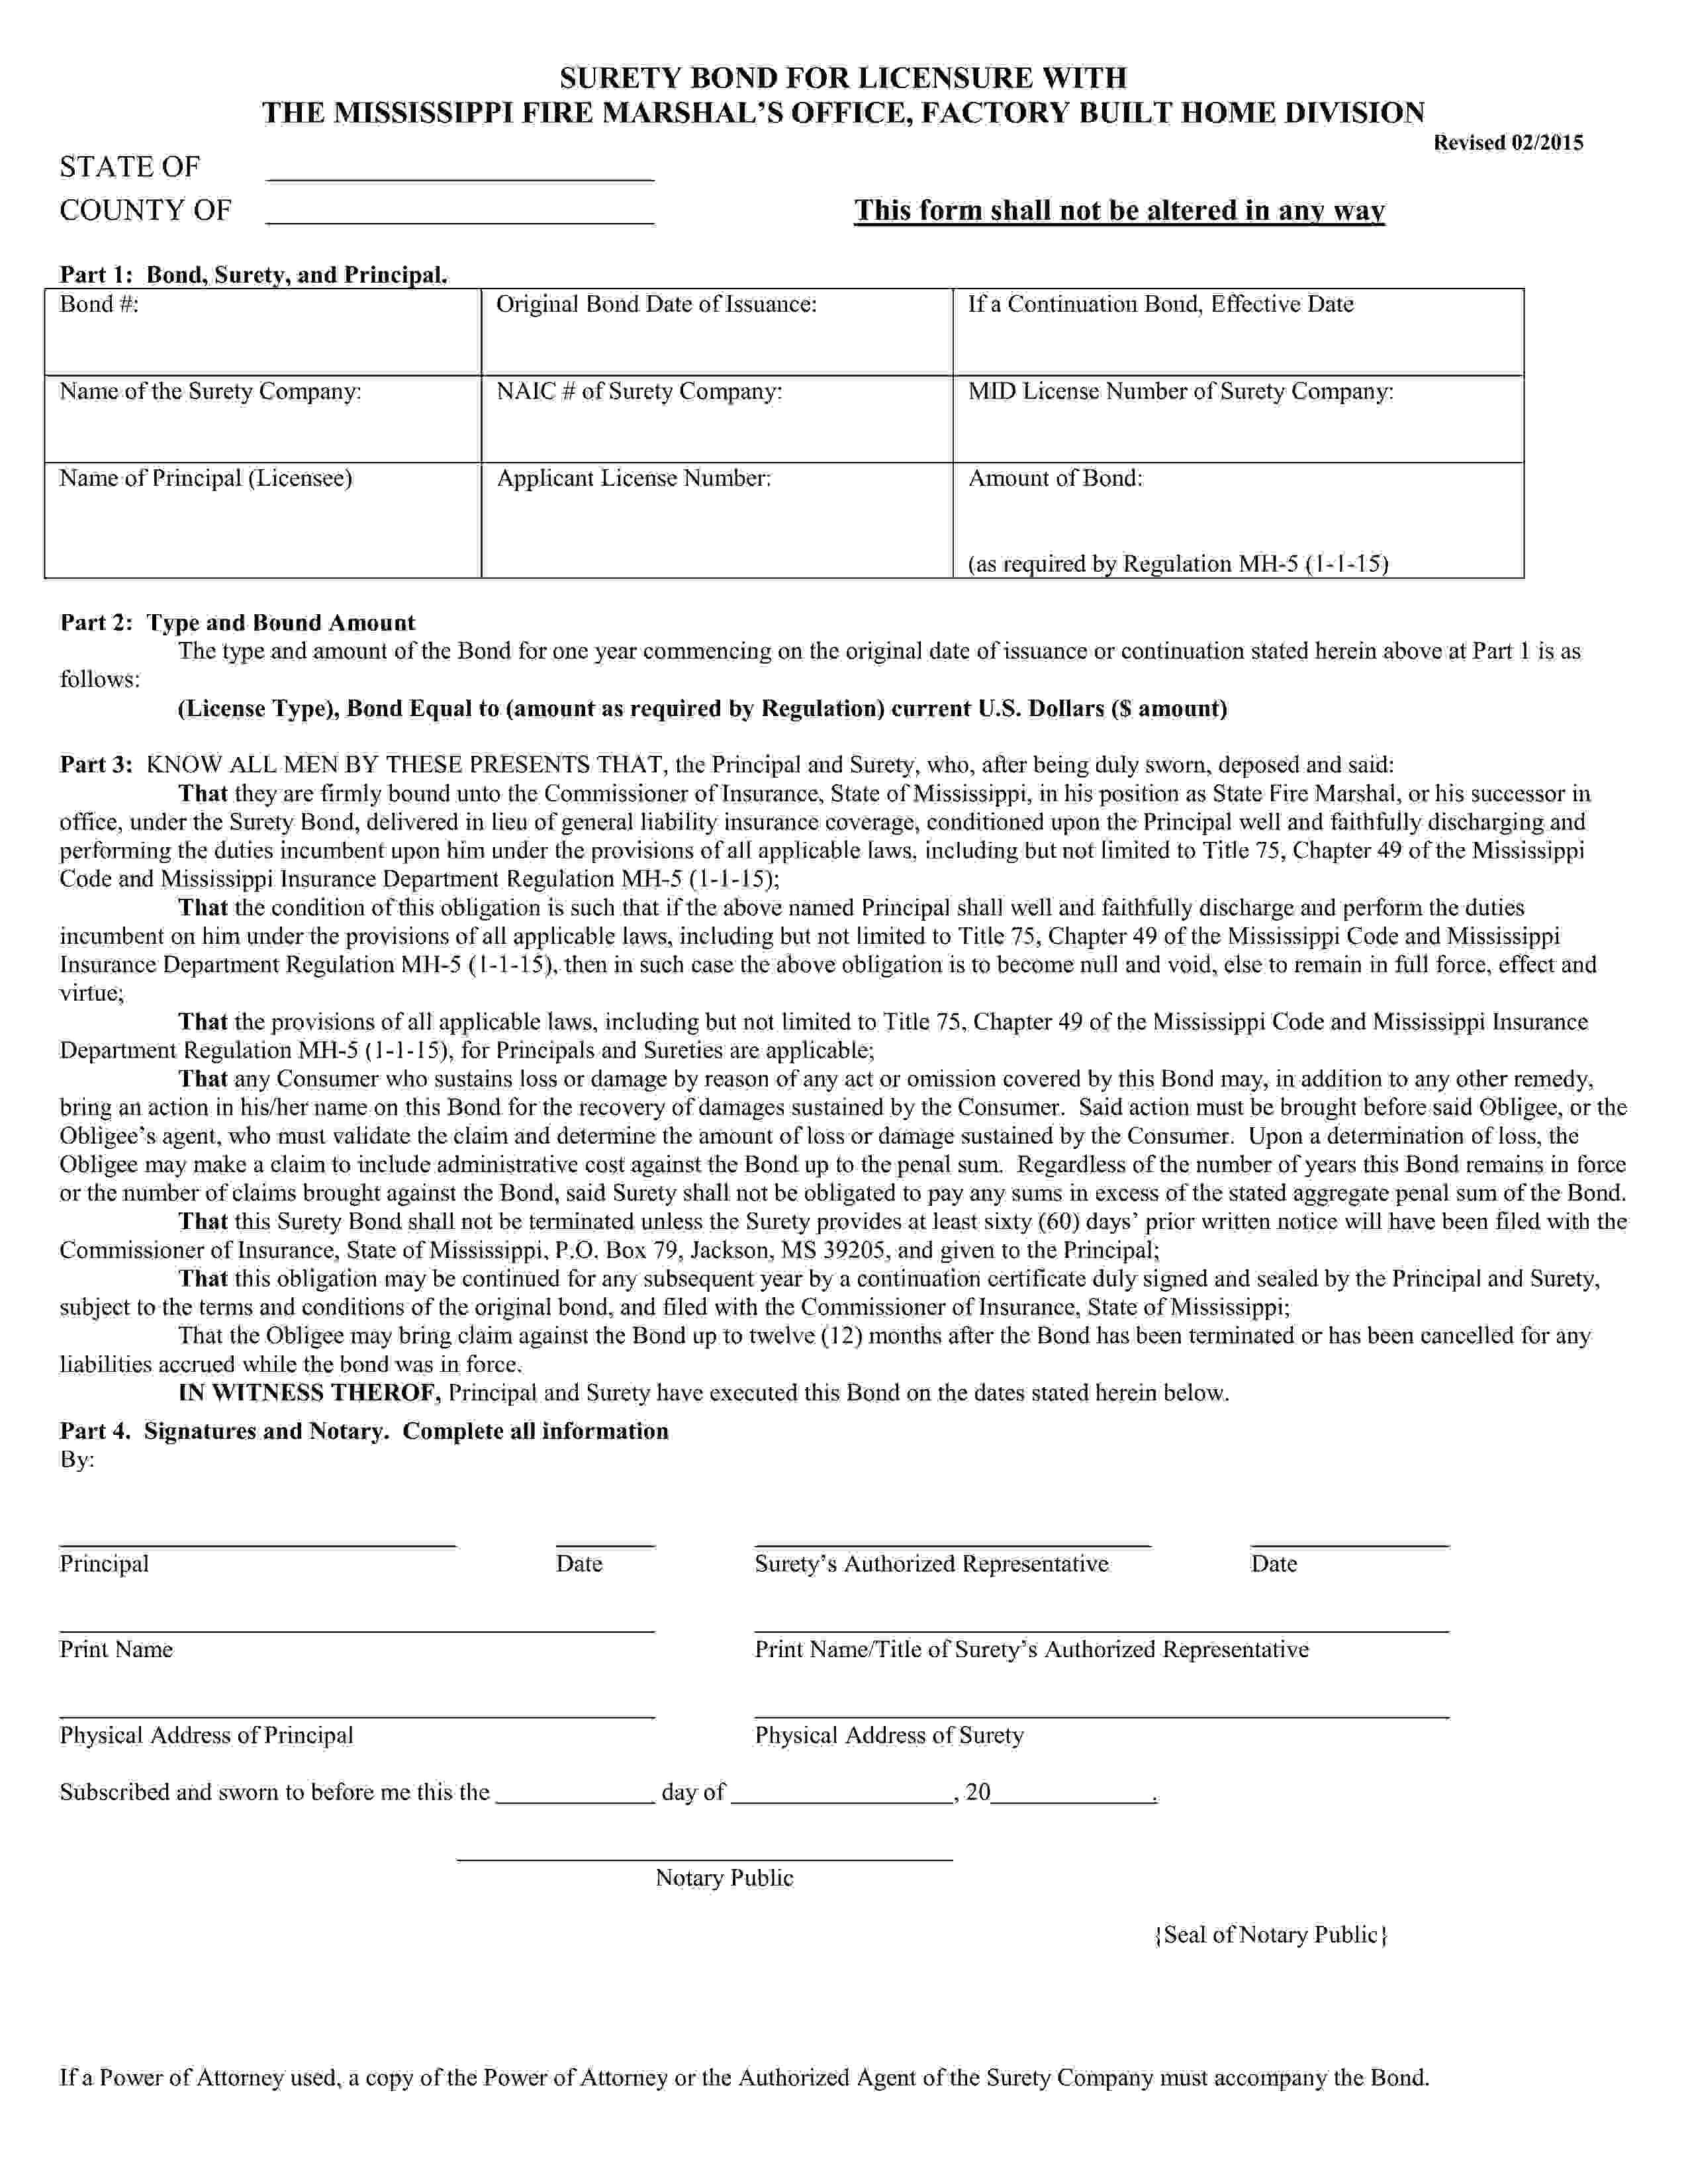 Mississippi Commissioner of Insurance Manufactured Home Manufacturer Bond sample image